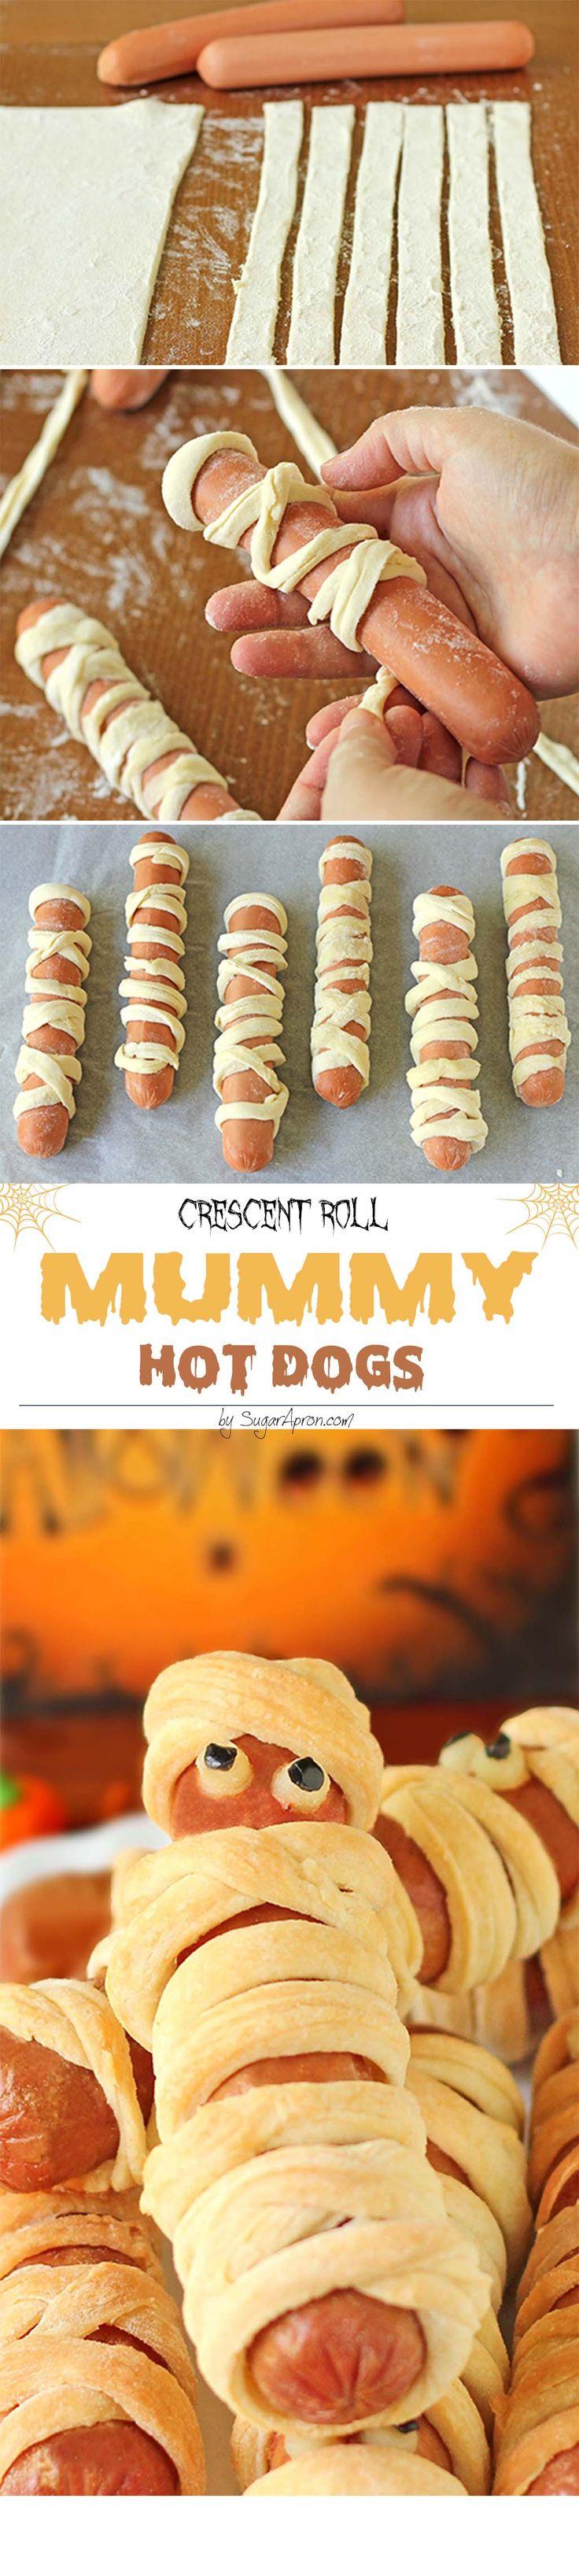 Best 20+ Halloween potluck ideas ideas on Pinterest | Halloween ...